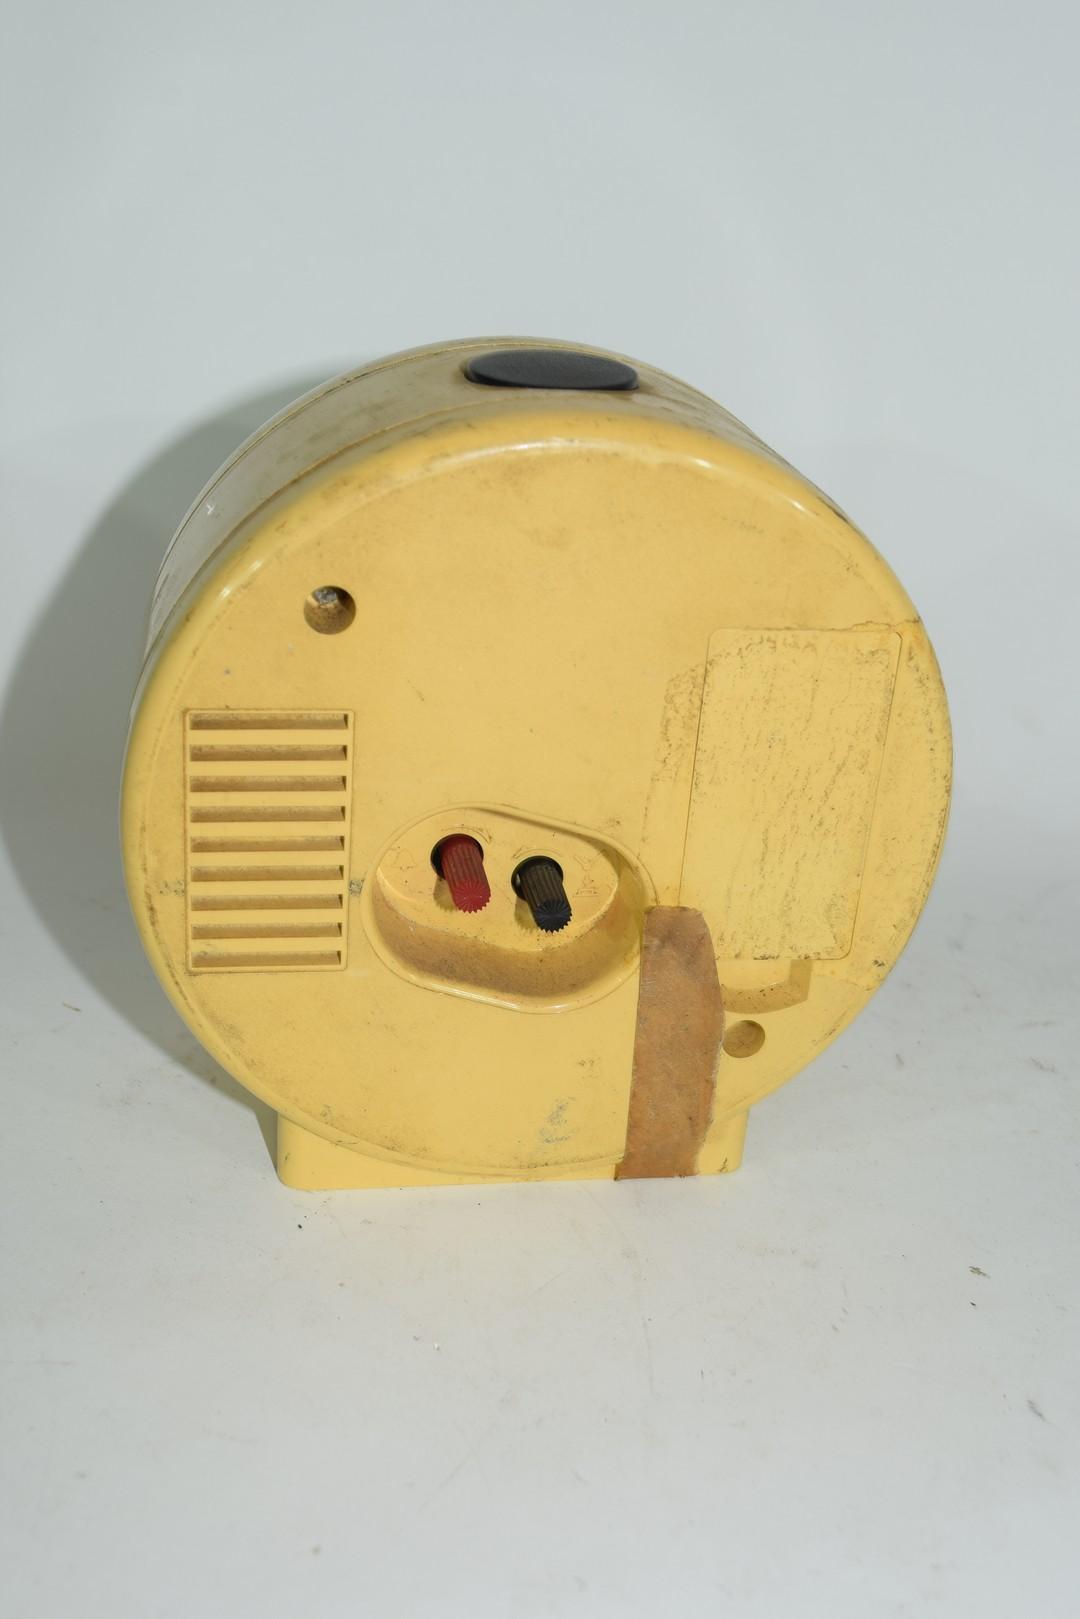 1950s Japanese plastic Orient quartz alarm clock - Image 2 of 3